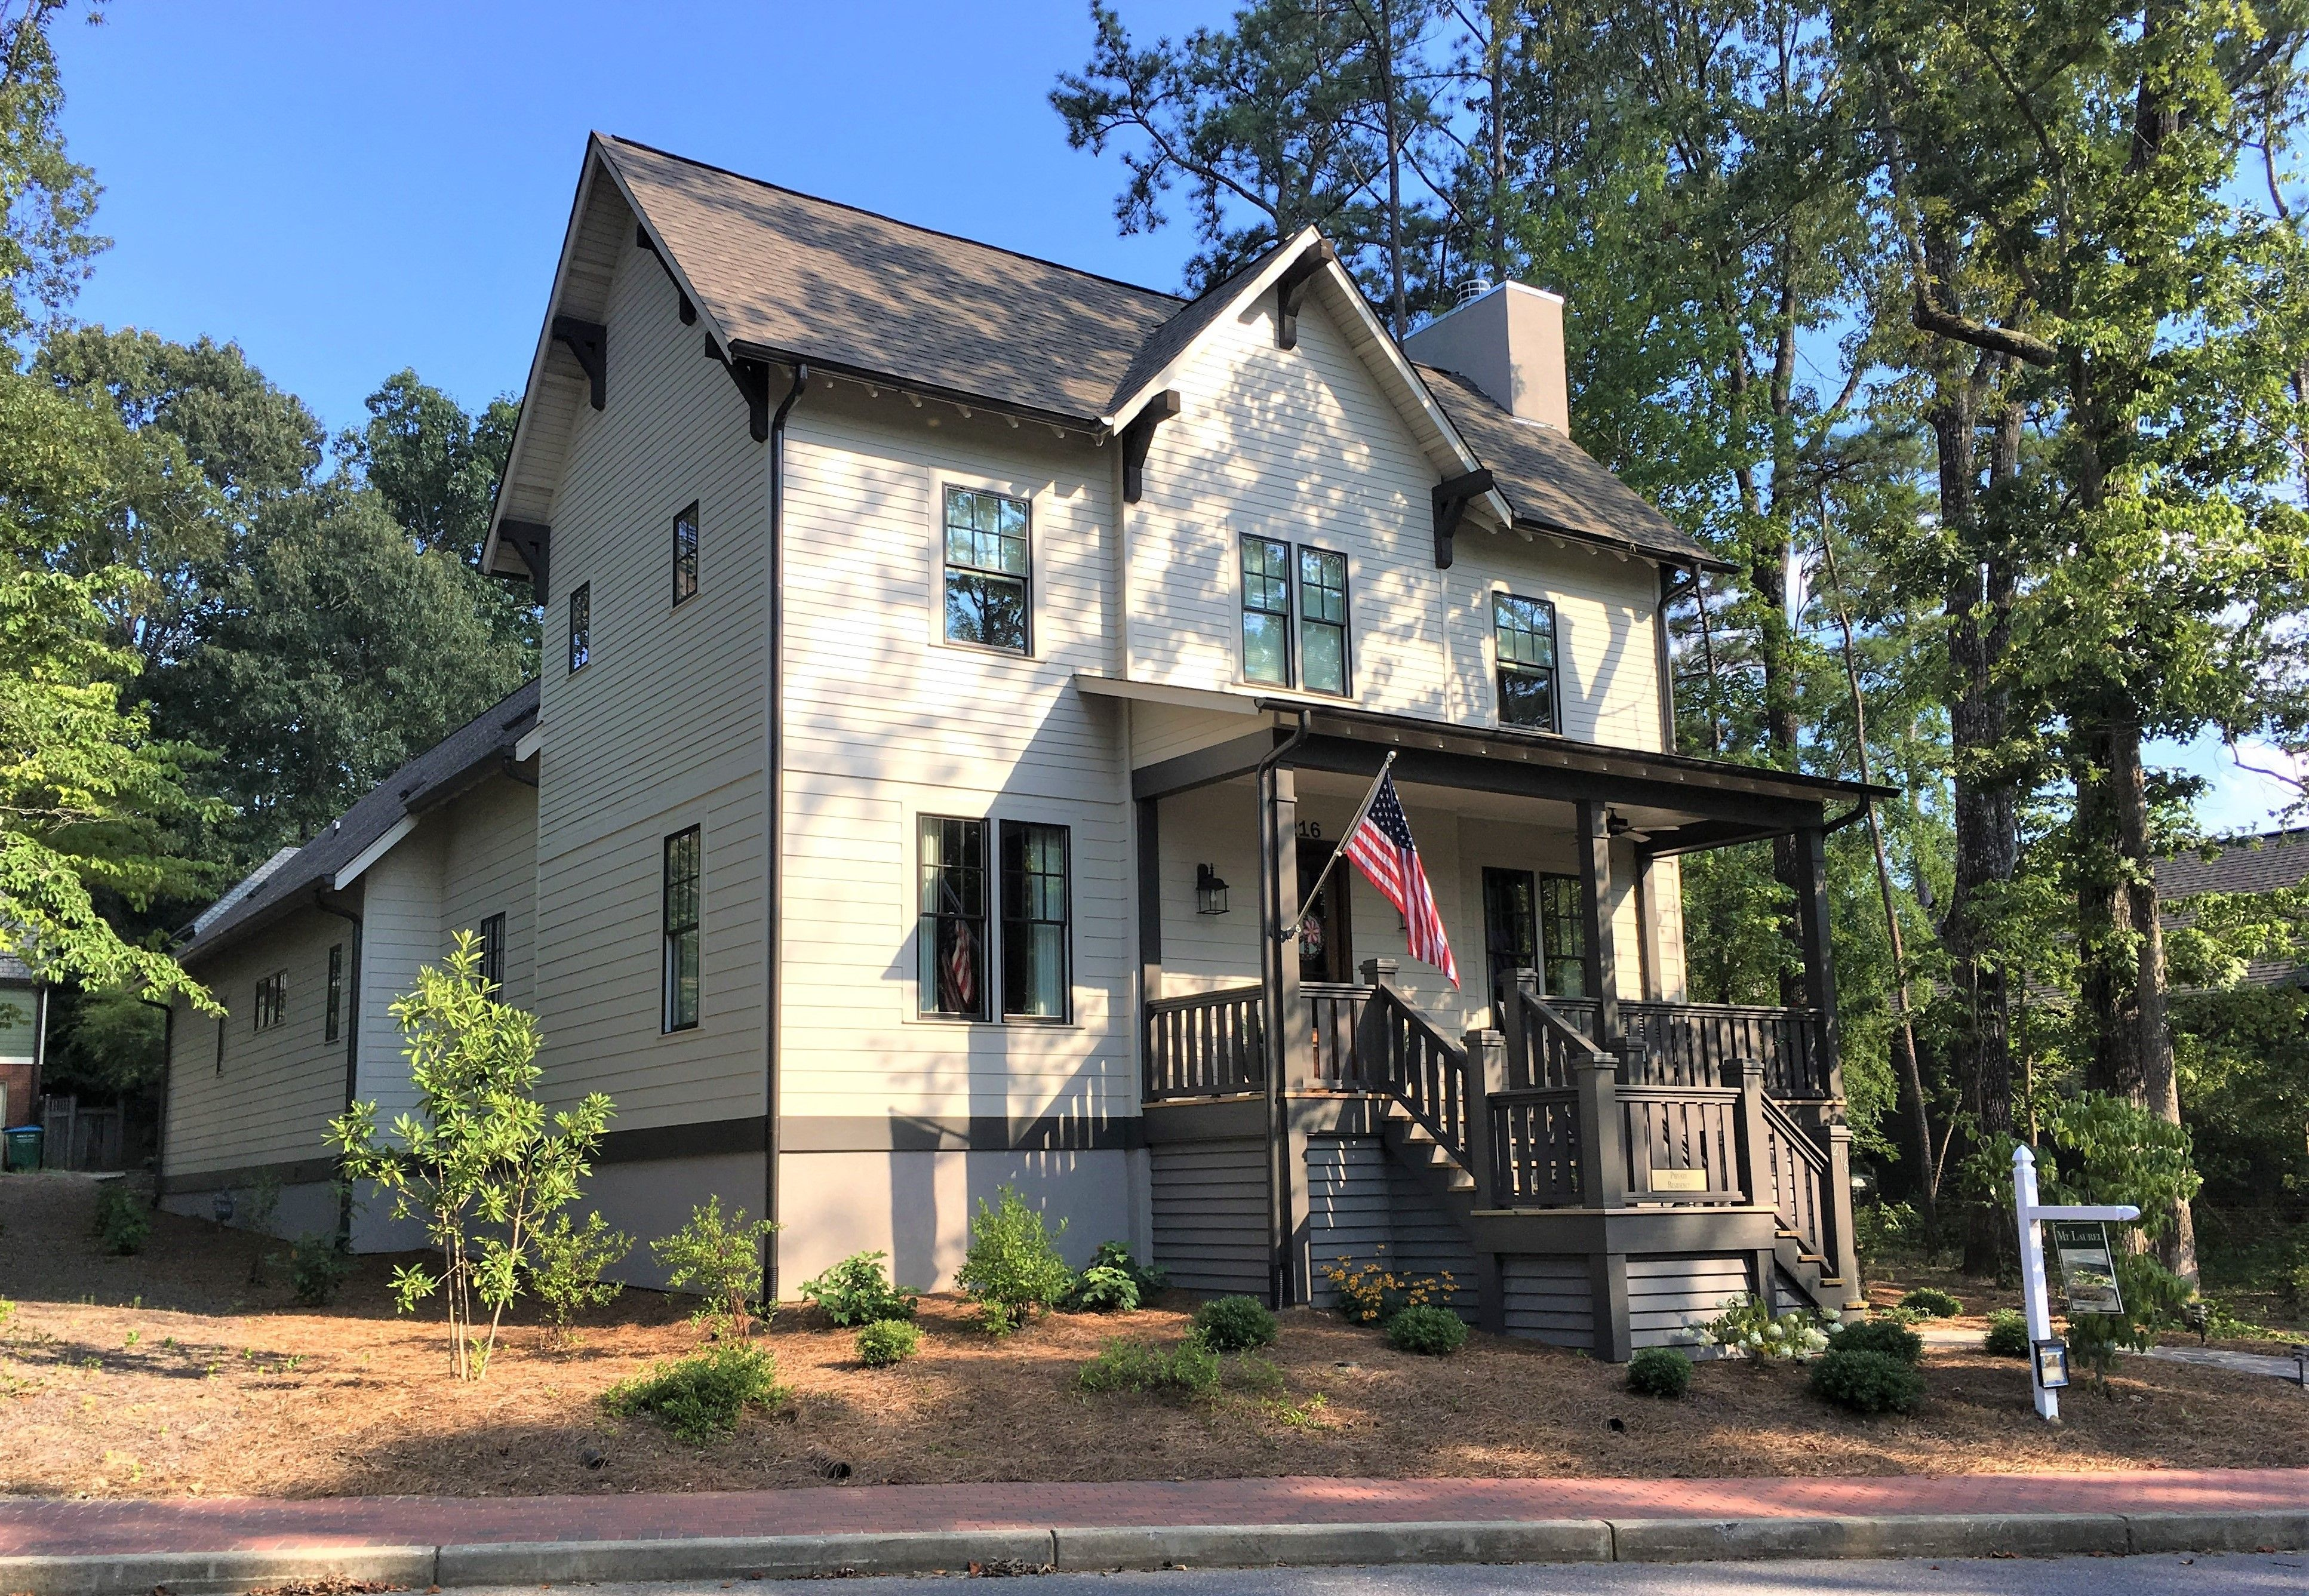 Beautiful home in Birmingham, Alabama for sale. Open floor